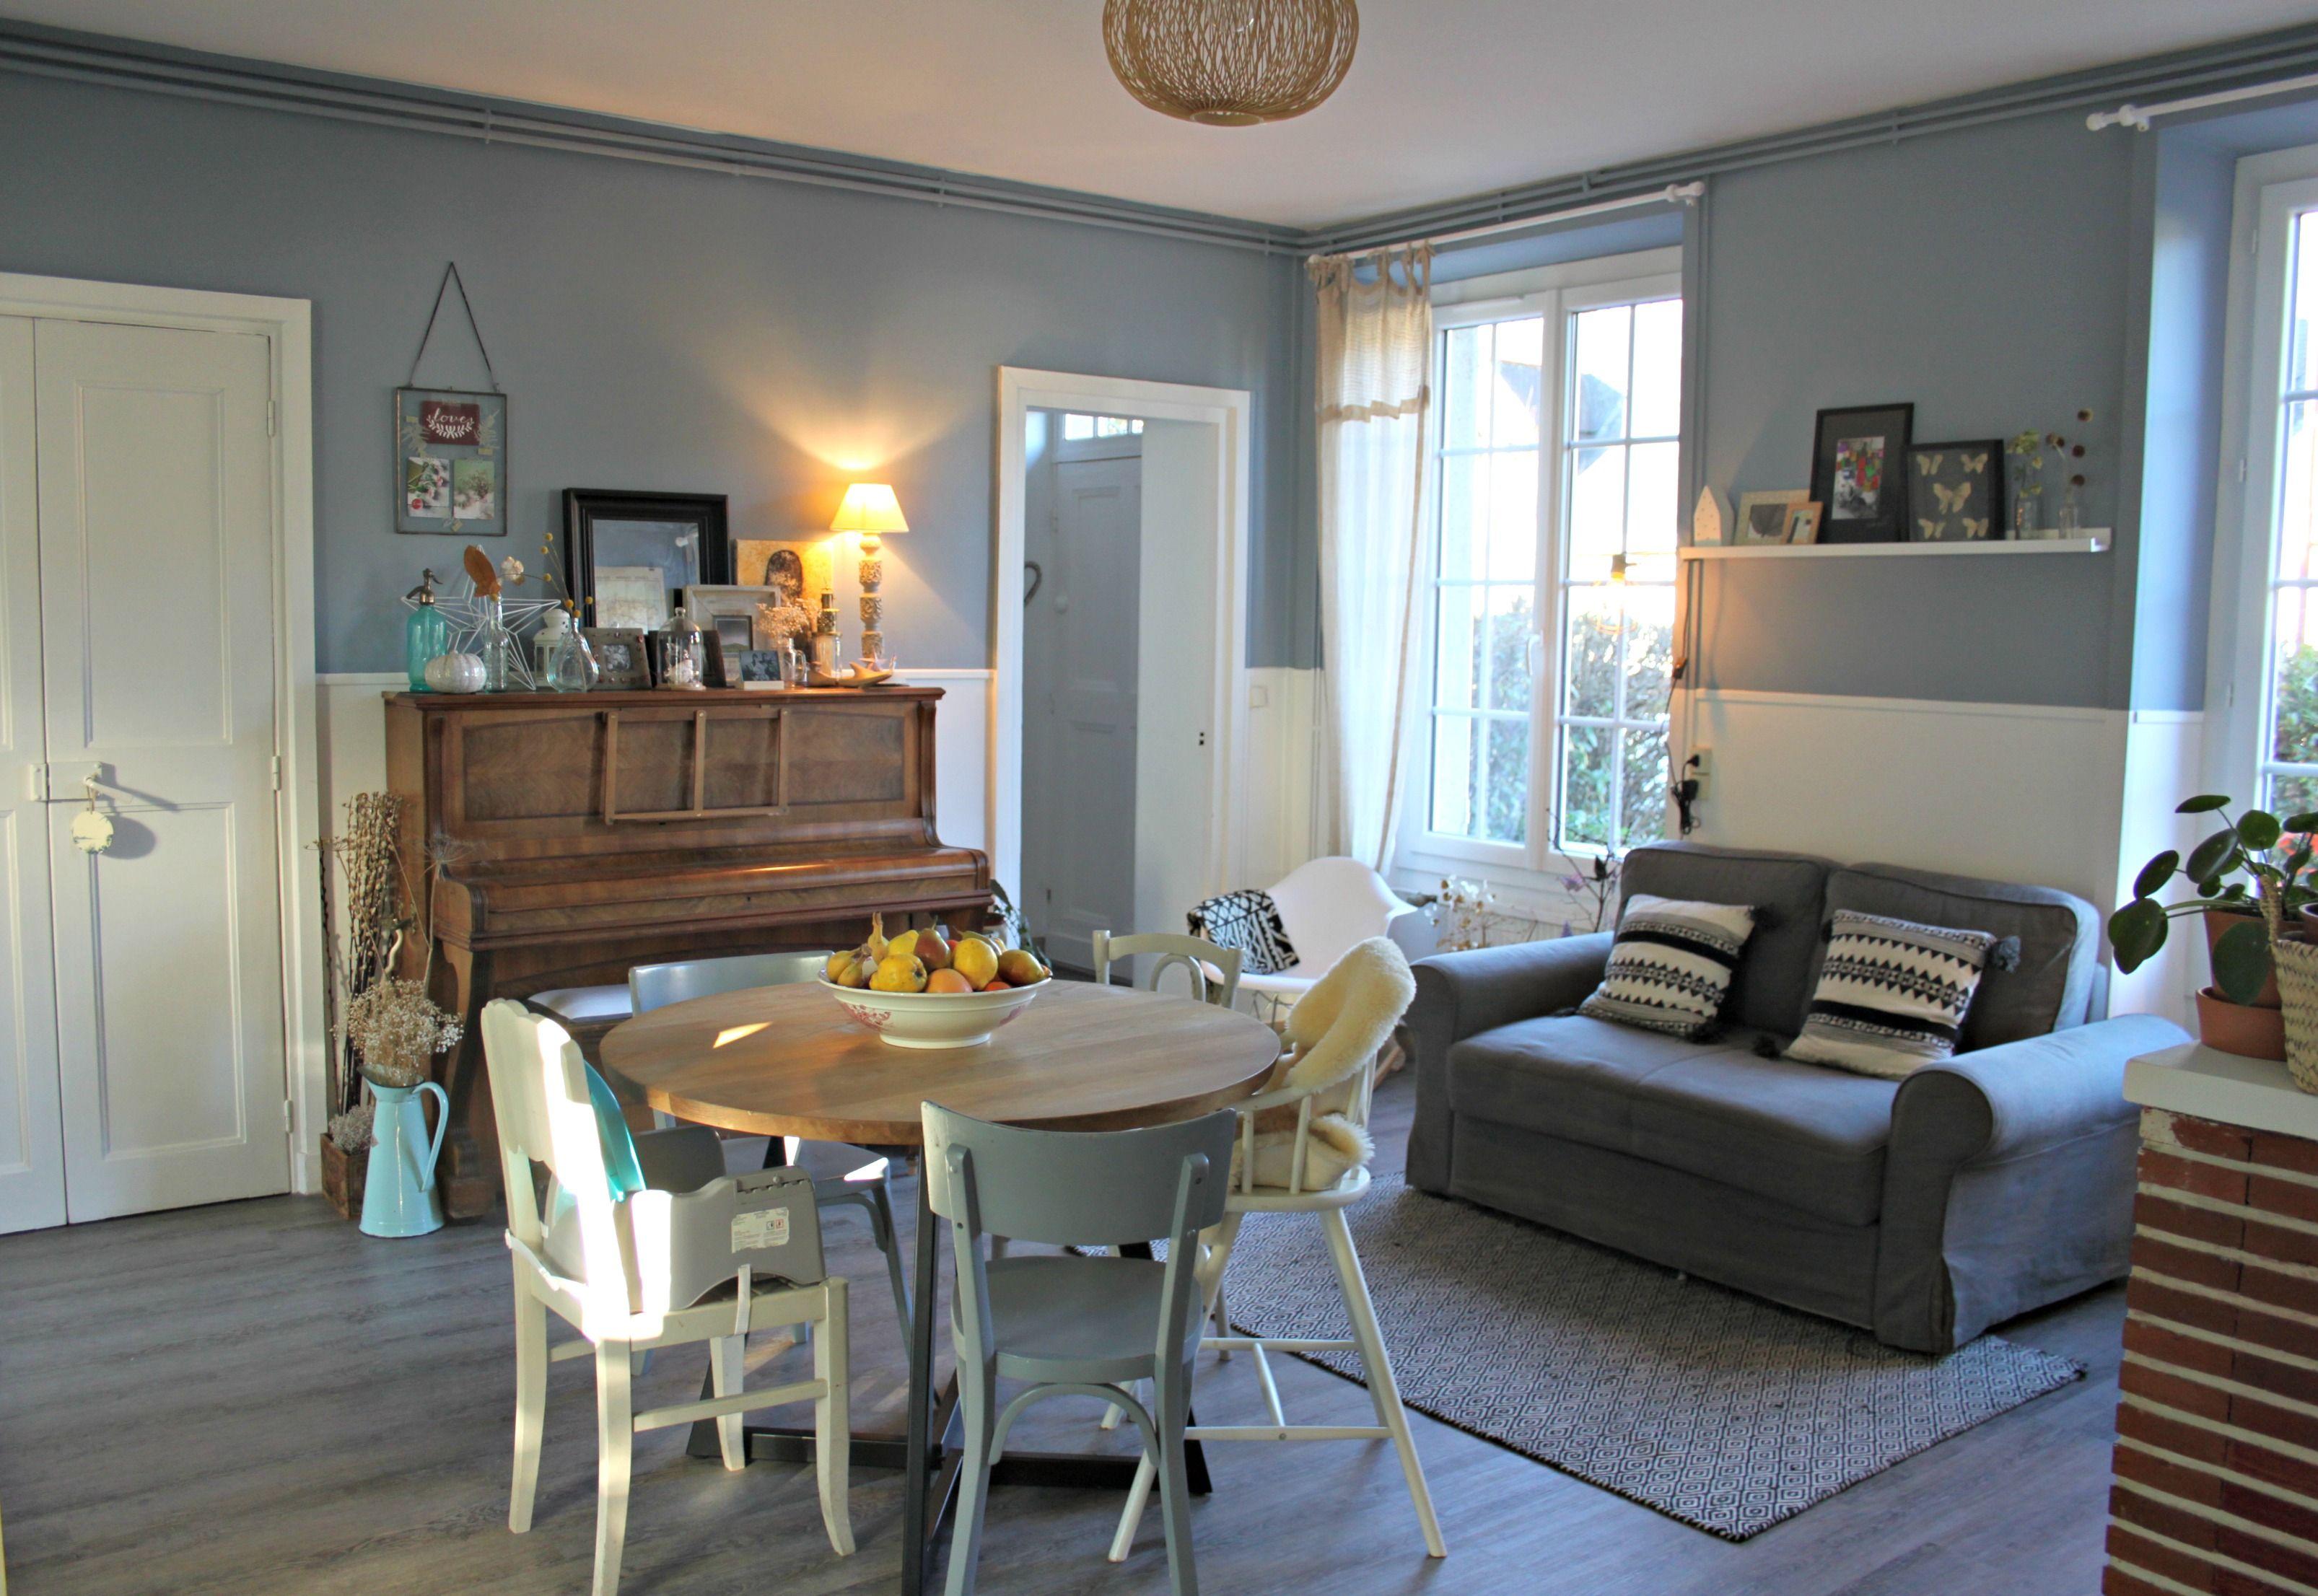 S jour salon vintage mur bleu gris chemin e tag re r cup for Deco sejour 20m2